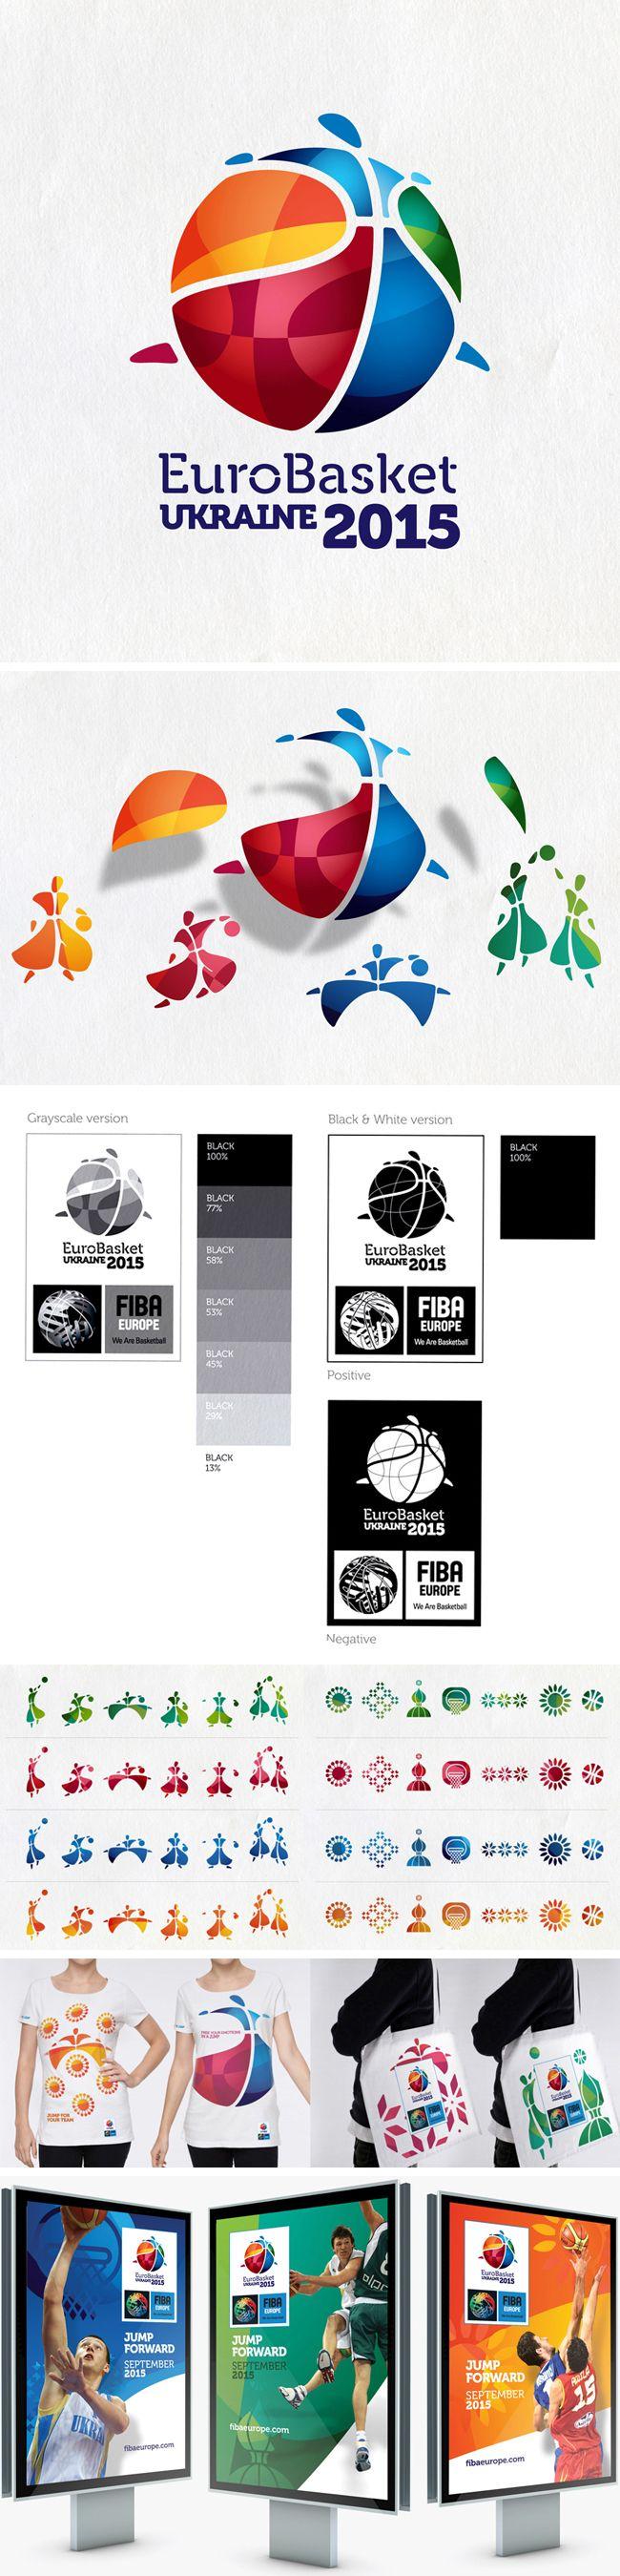 branding / eurobasket 2015